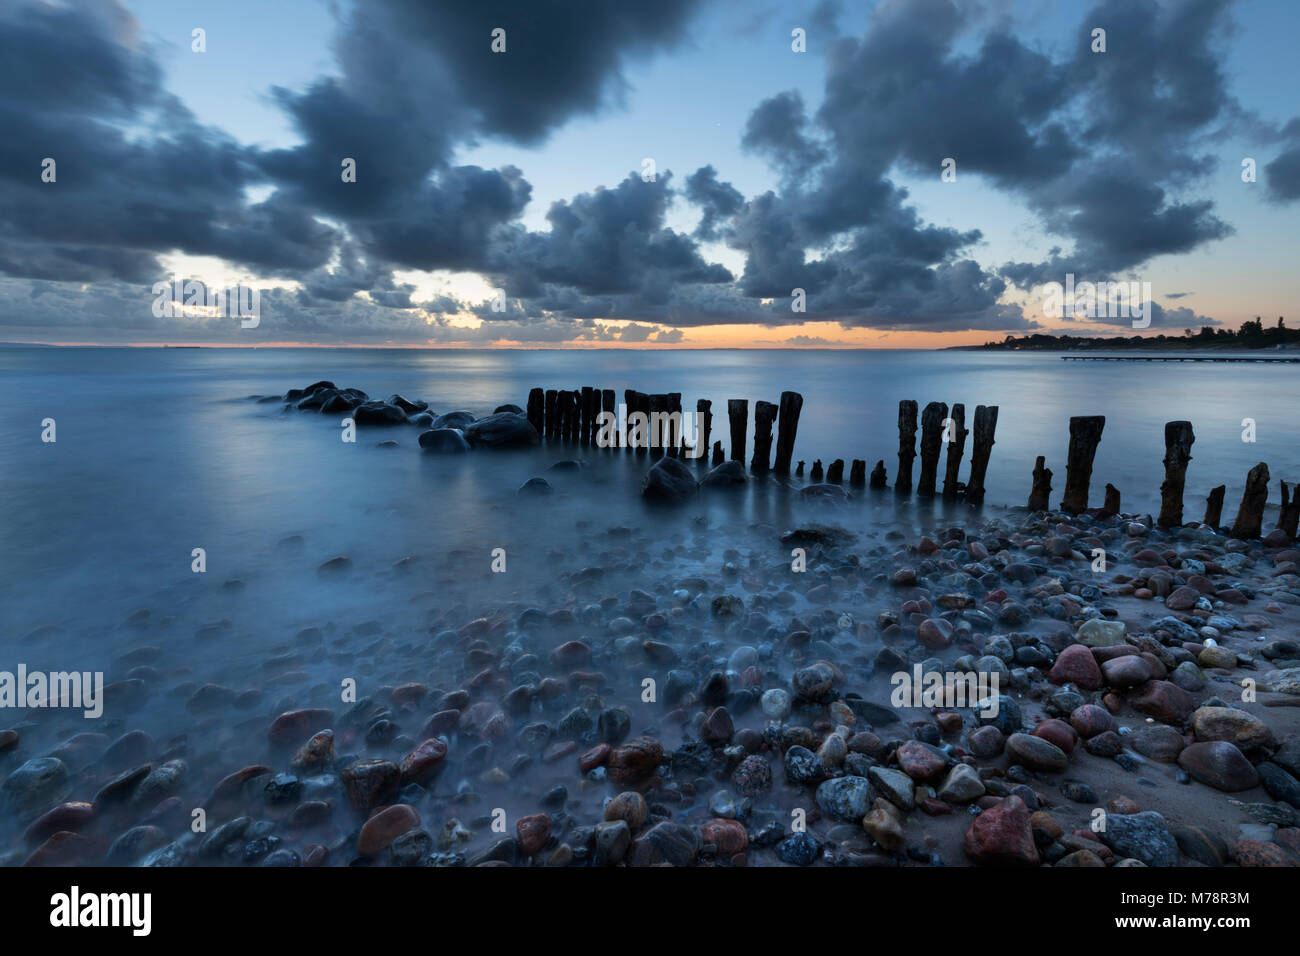 Pilotes de madera vieja que va hacia el mar y los guijarros en la playa al amanecer, Munkerup, Kattegat Costa, Zelanda, Imagen De Stock